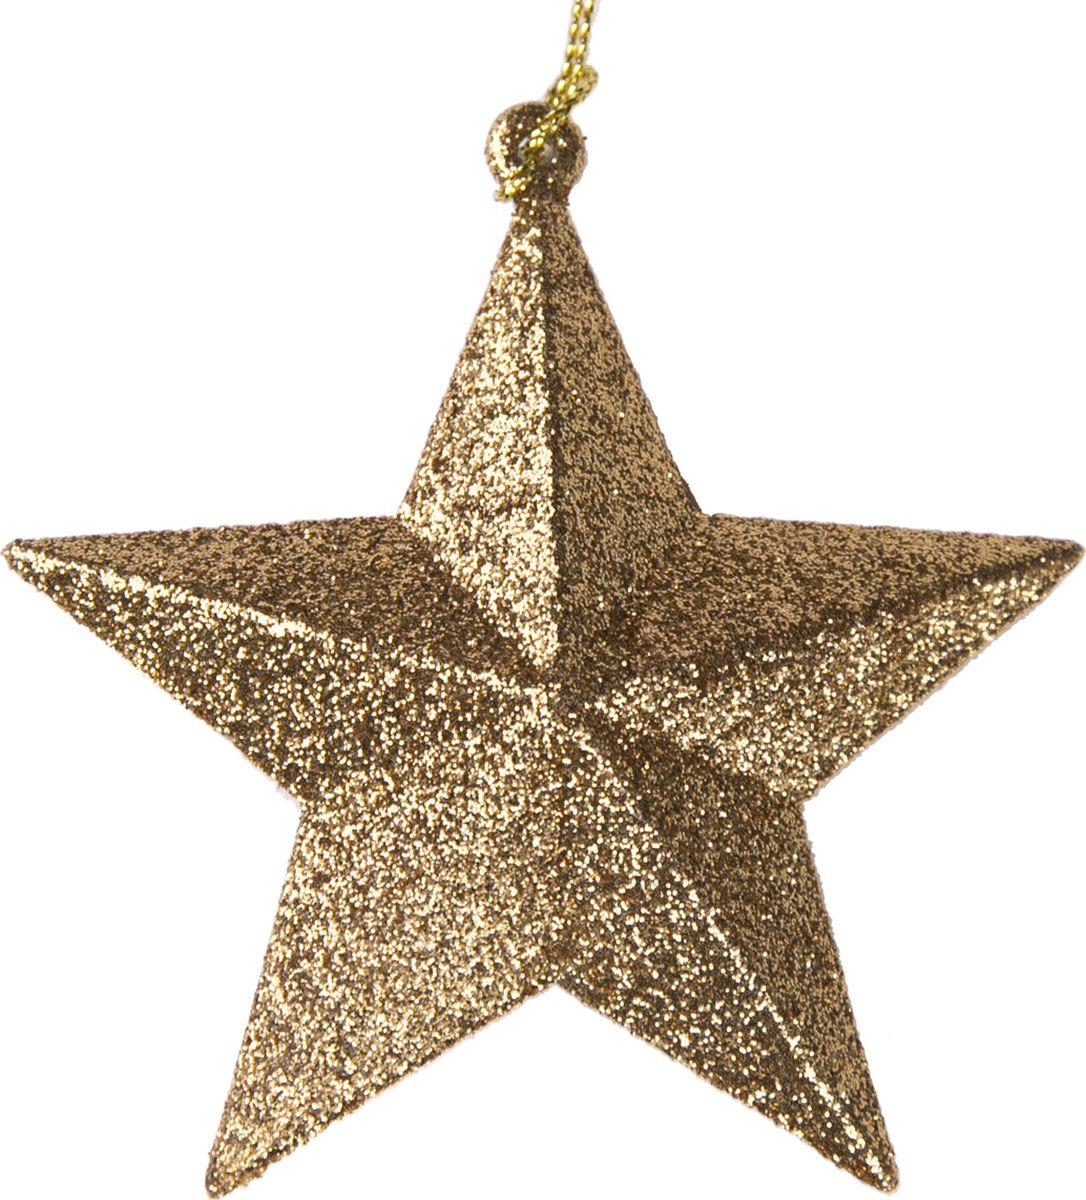 Новогоднее подвесное елочное украшение Magic Time Звезда, цвет: золотой, 10 x 9,5 x 3,5 см украшение елочное звезда барокко 8 8 см черный золотой 1 шт в пакете